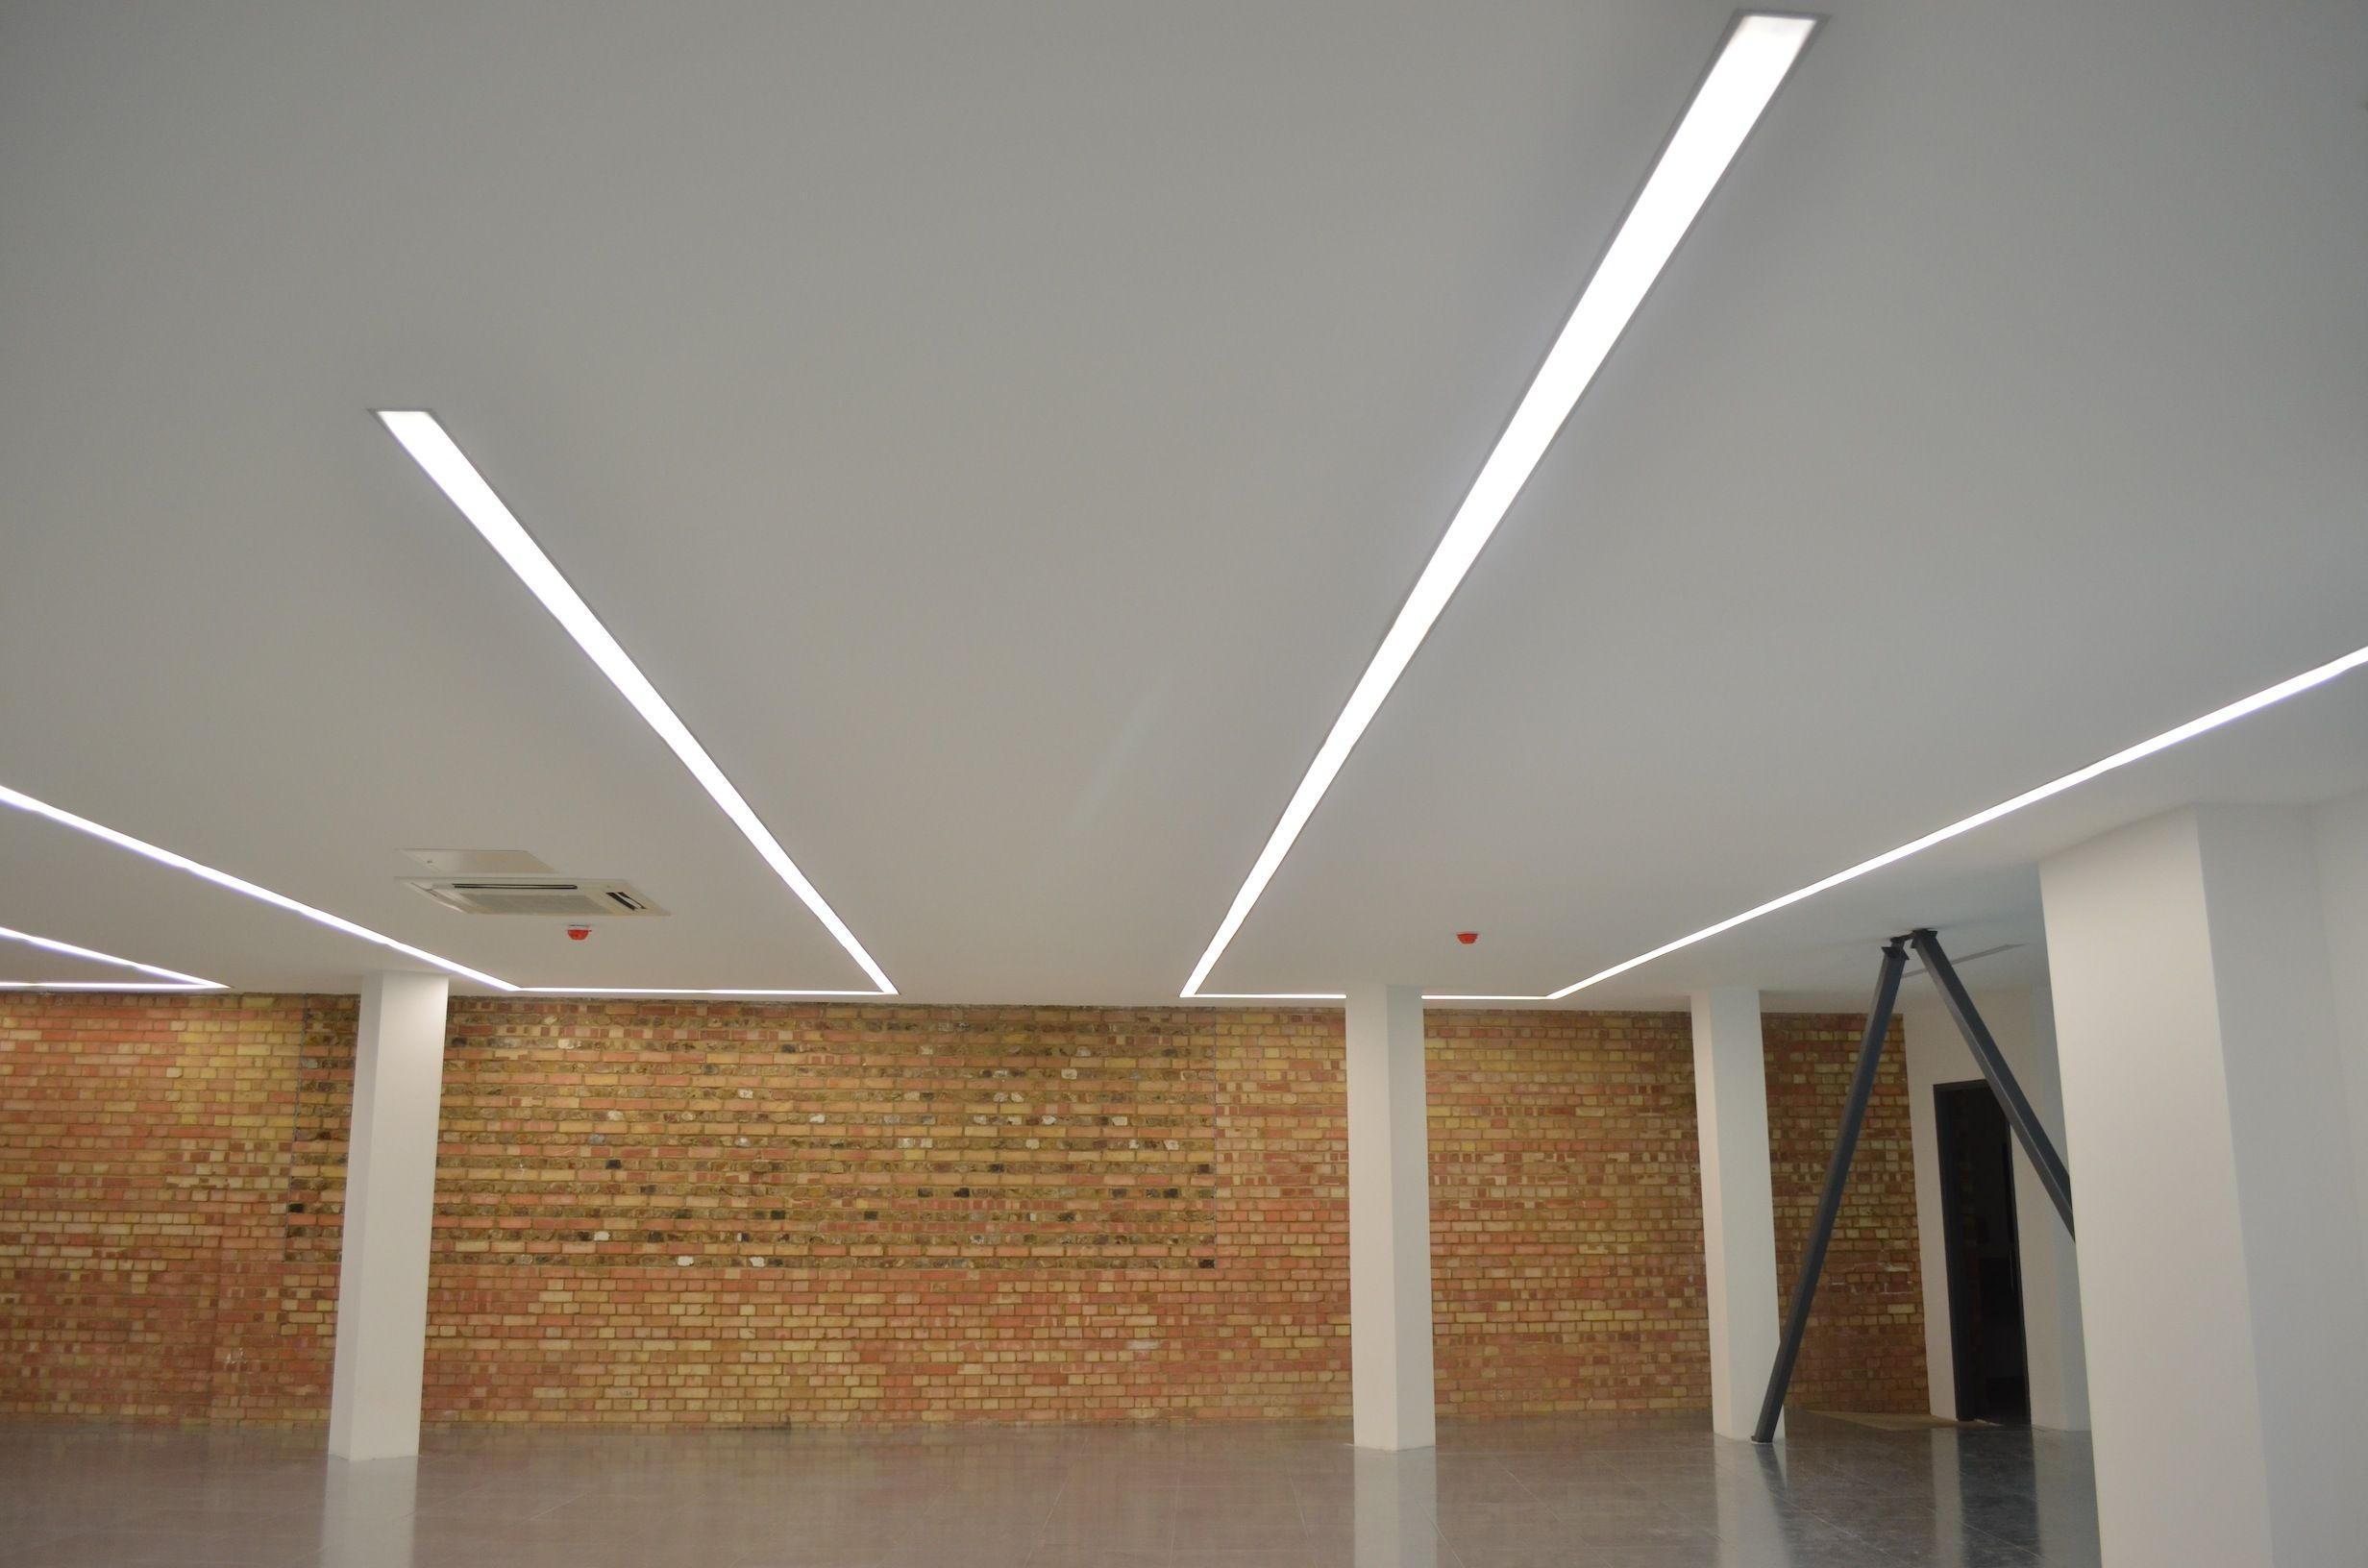 Continuous LED strip light Kings Cross office development by gpad london LEDlighting striplight office  Lighting Design  Pinterest